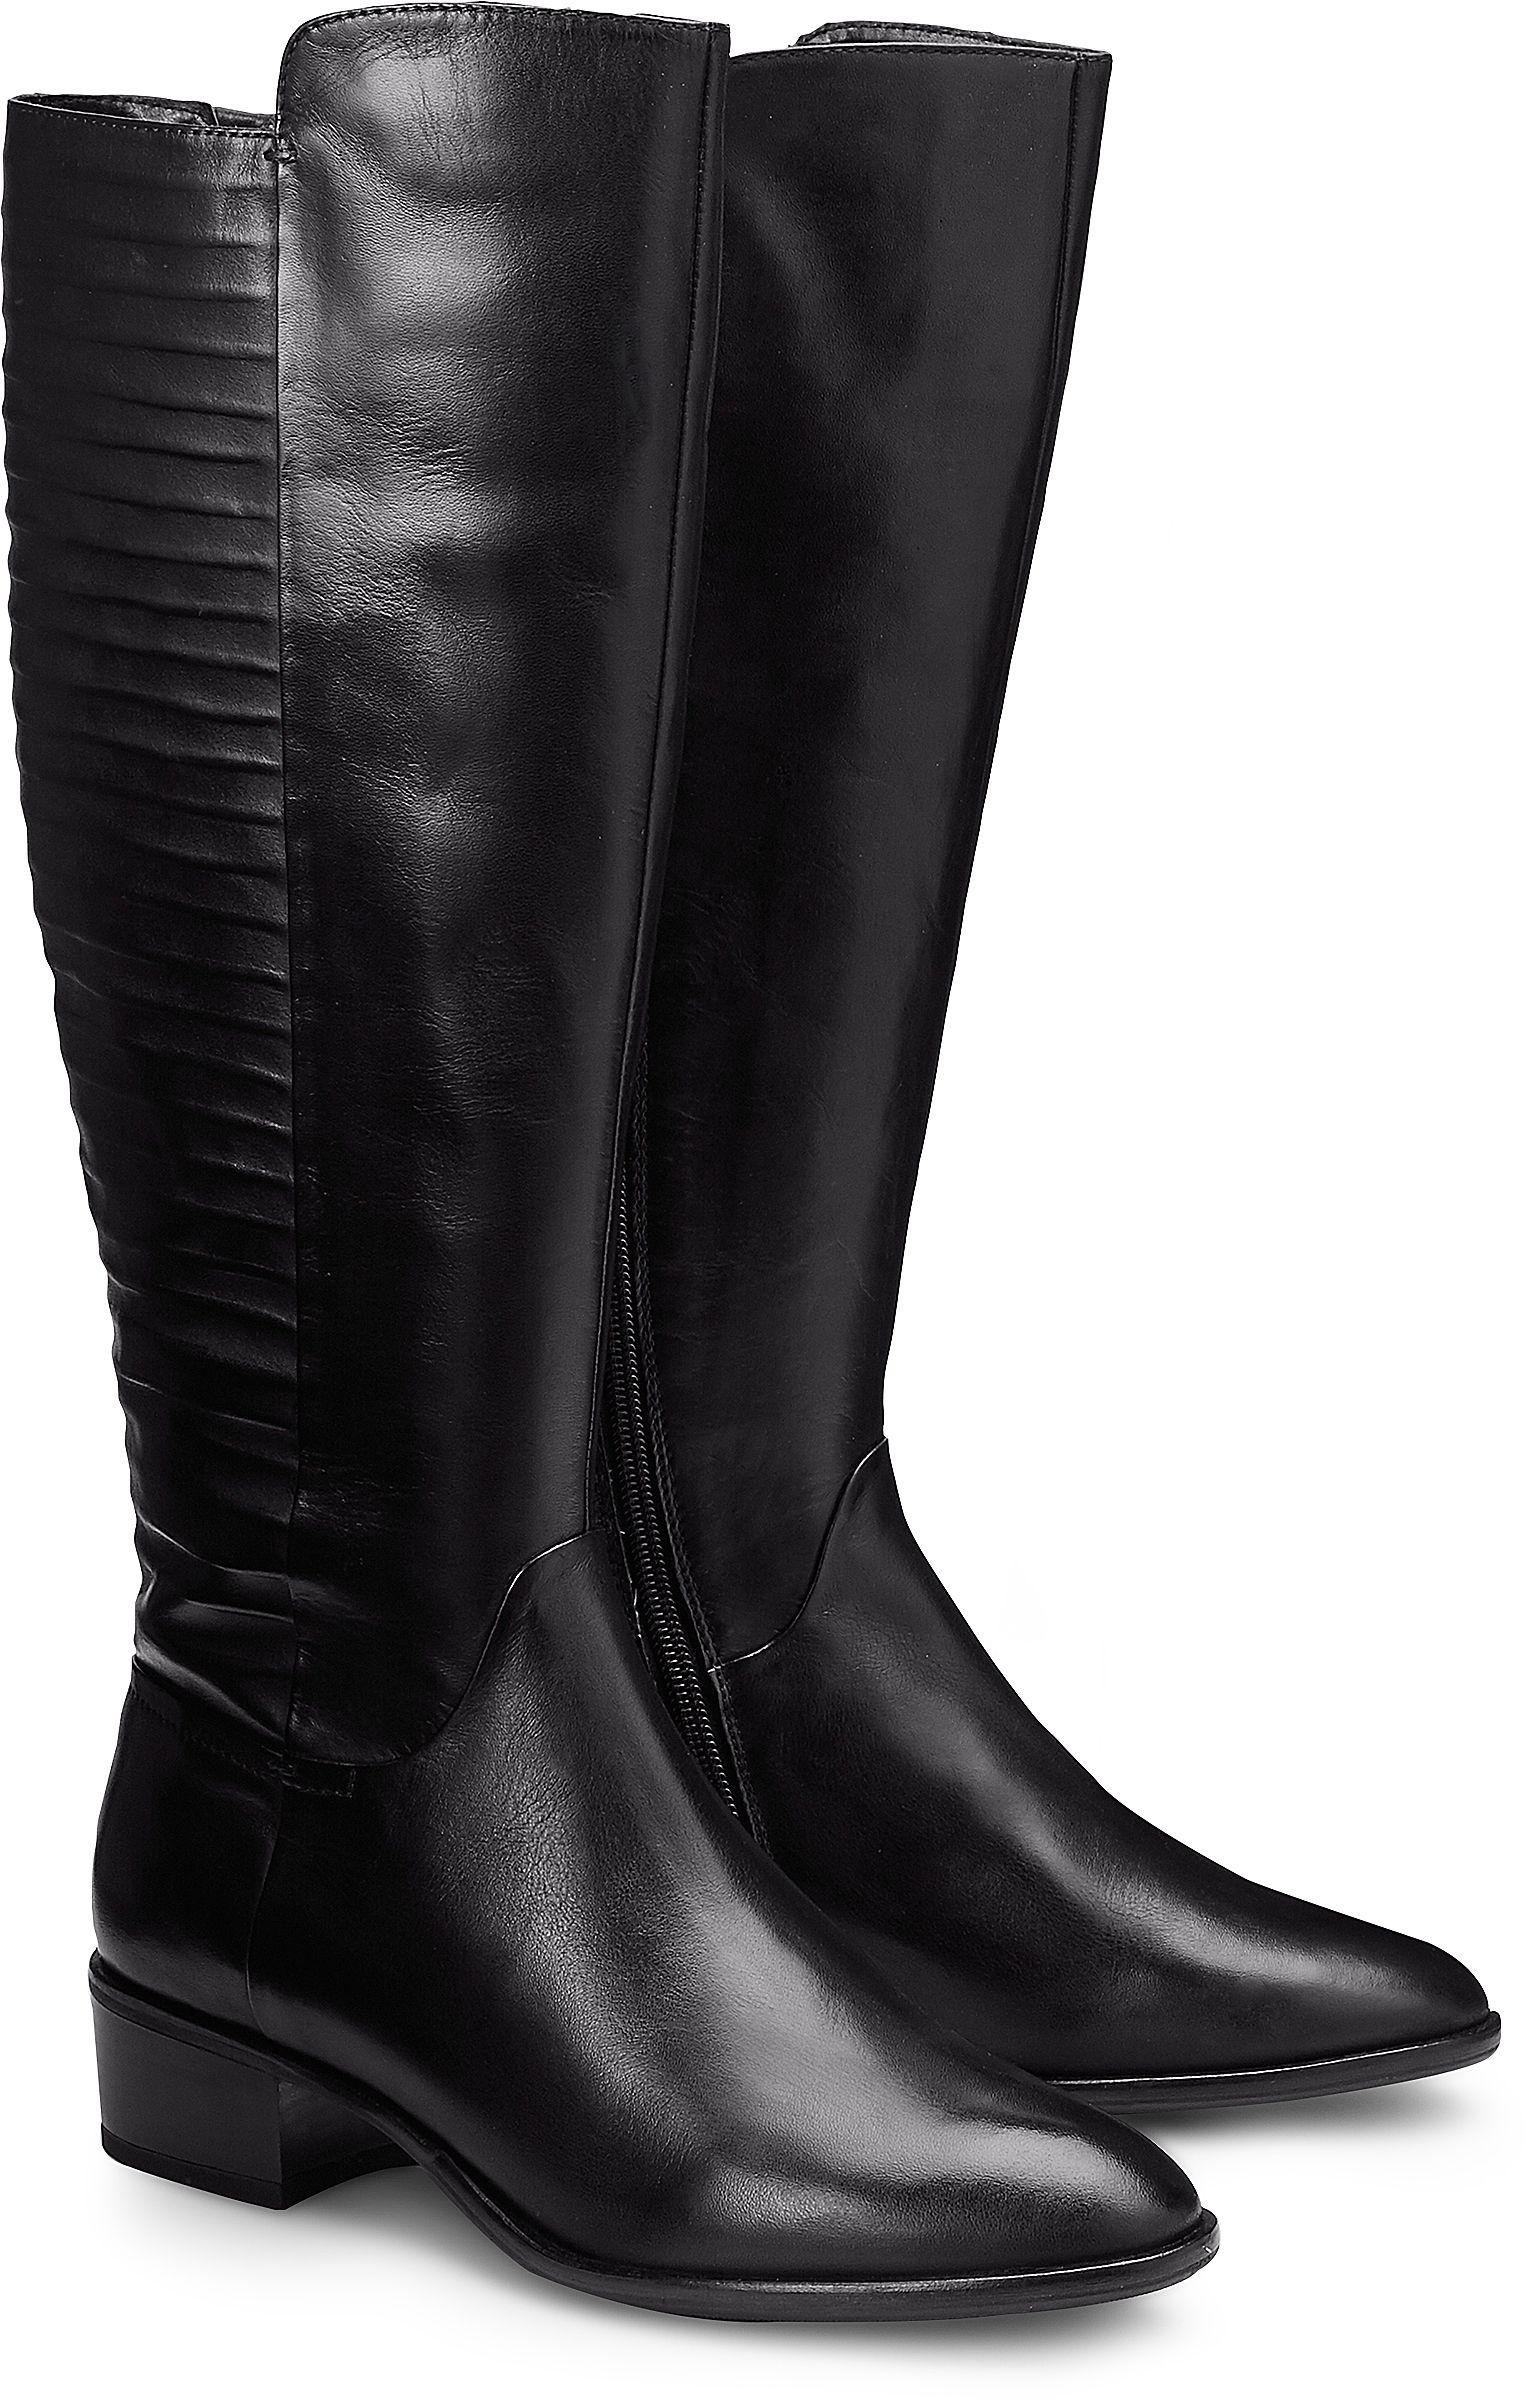 newest 94f28 cc1bc Schuhe online kaufen